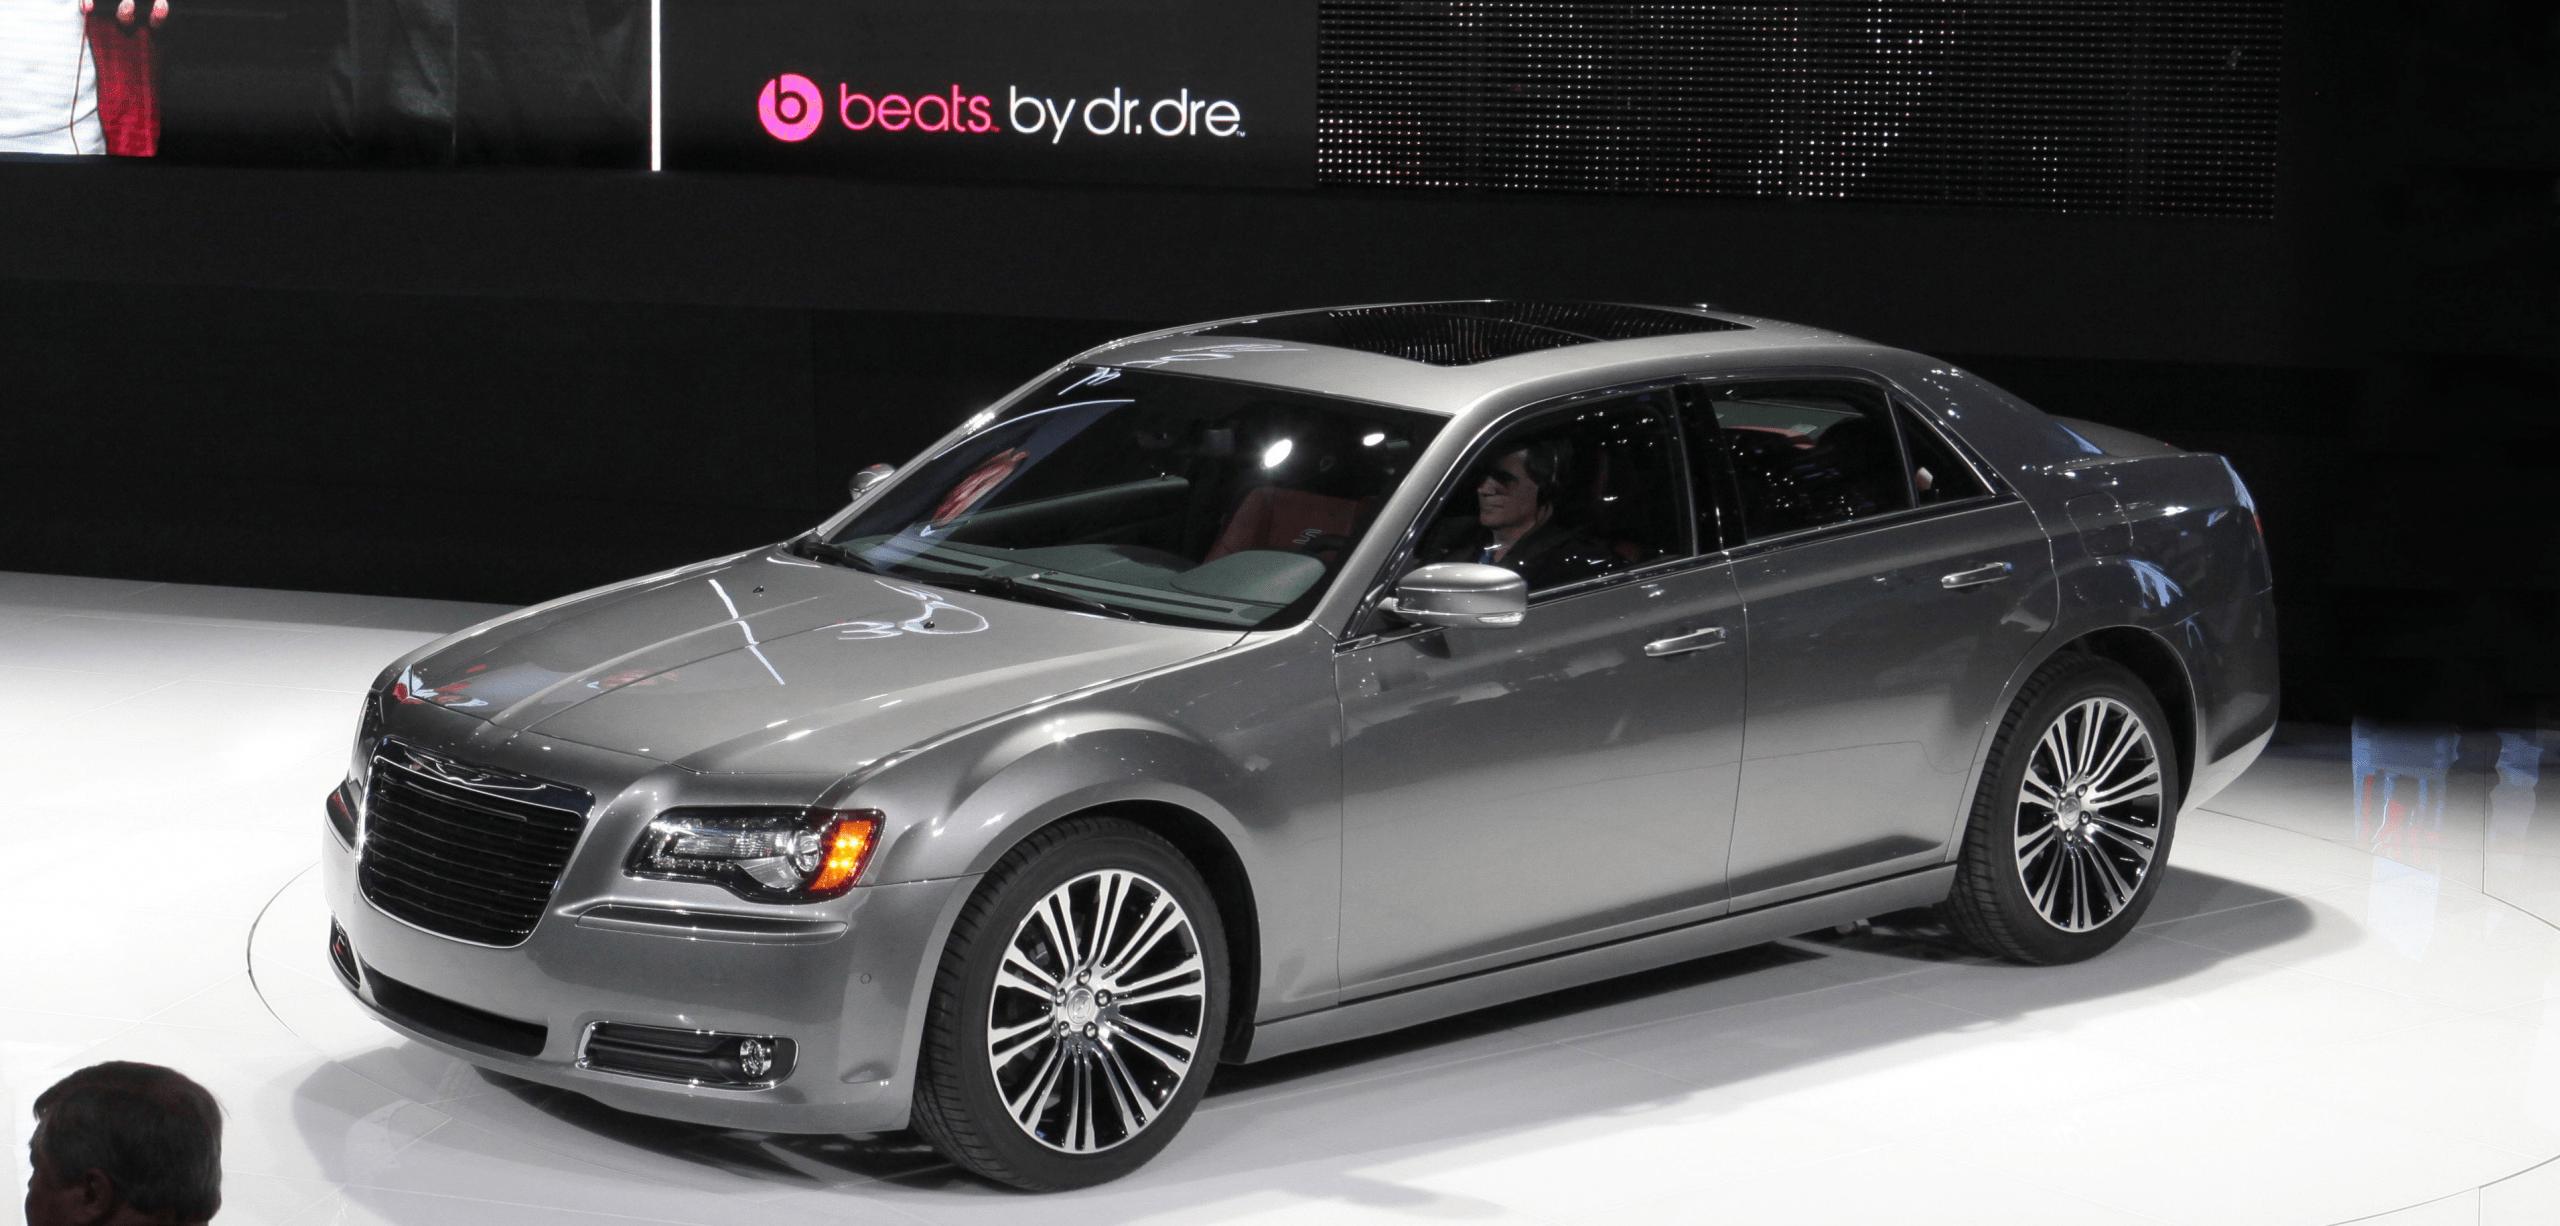 2021 Chrysler 300 Srt8 Prices